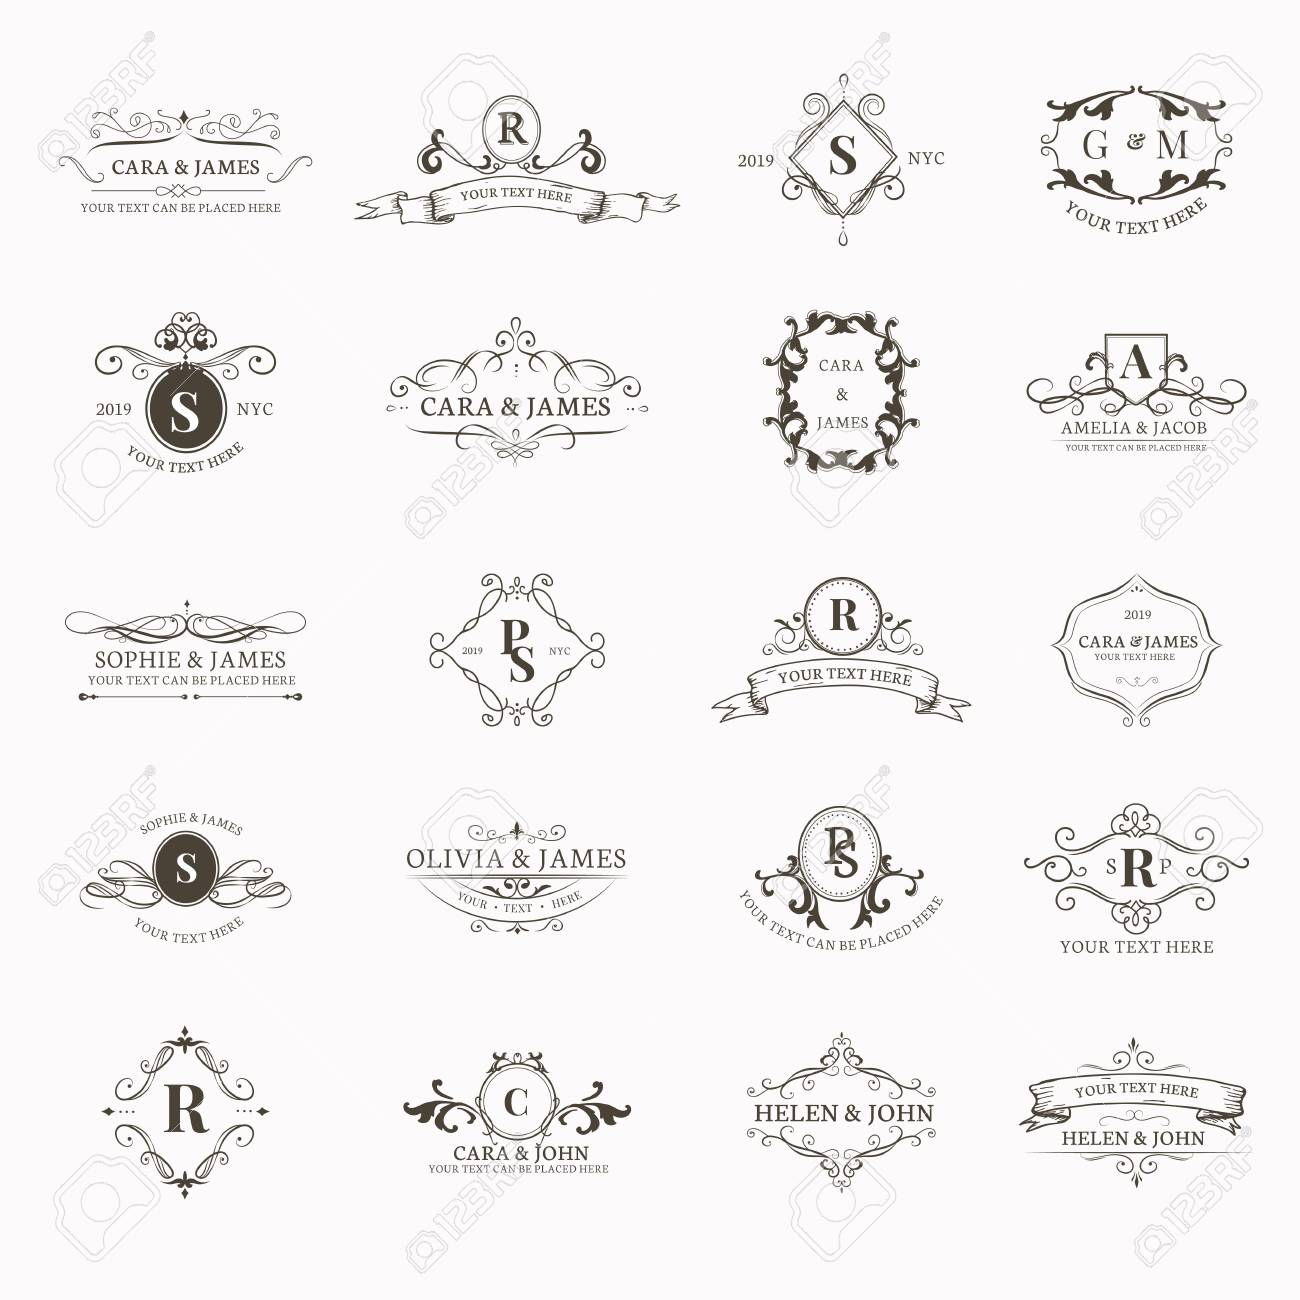 Vintage baroque badge design set - 119998061